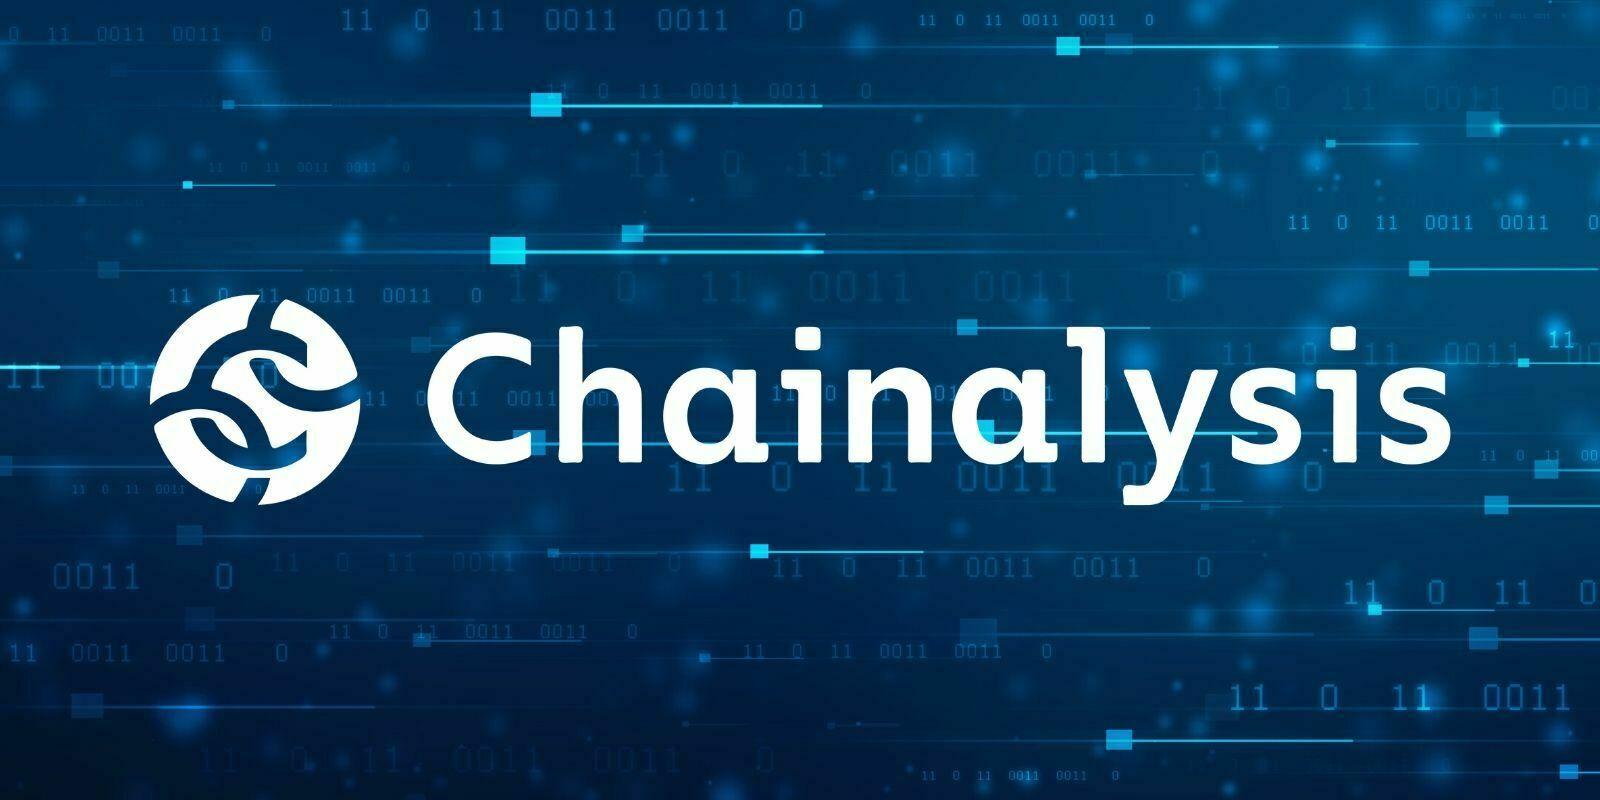 La société d'analyse blockchain Chainalysis lève $13M supplémentaires